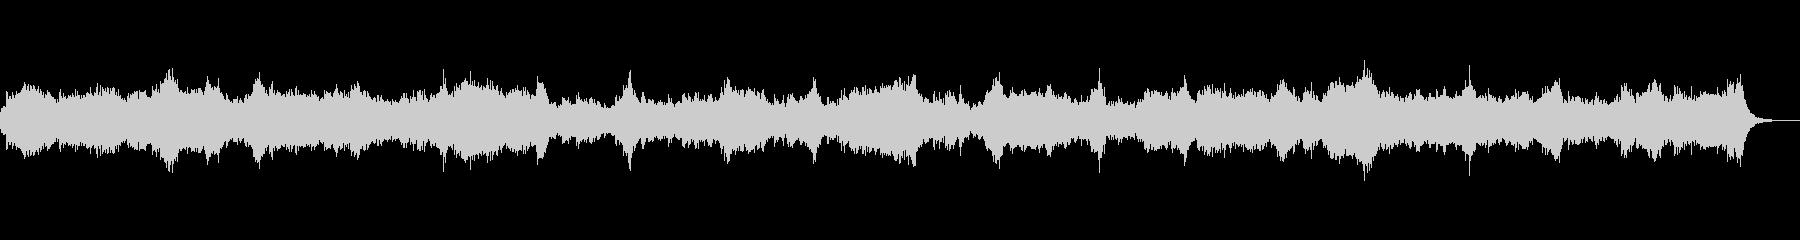 ヒーリング ディープ4の未再生の波形